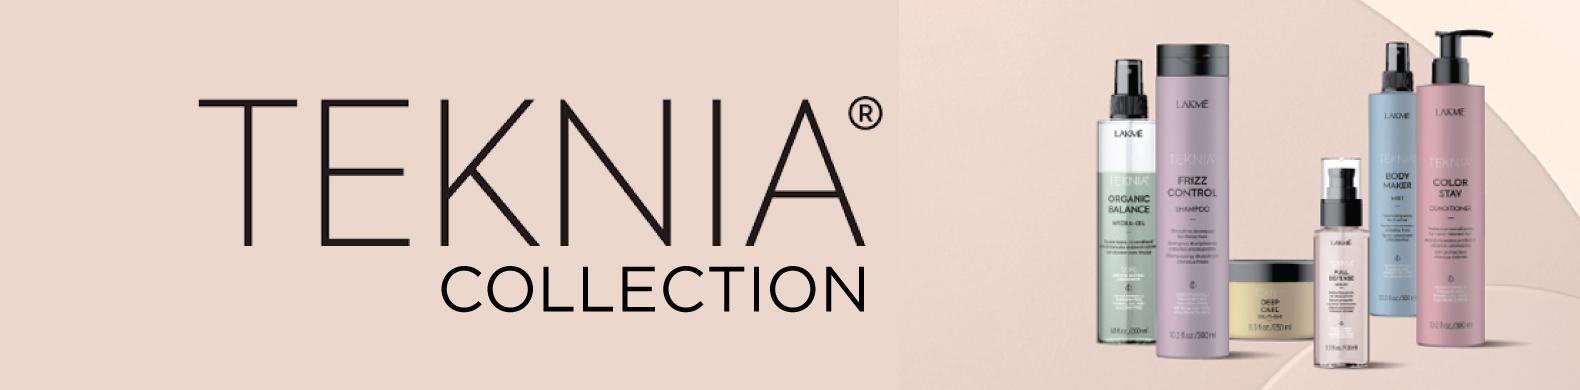 Teknia Collection